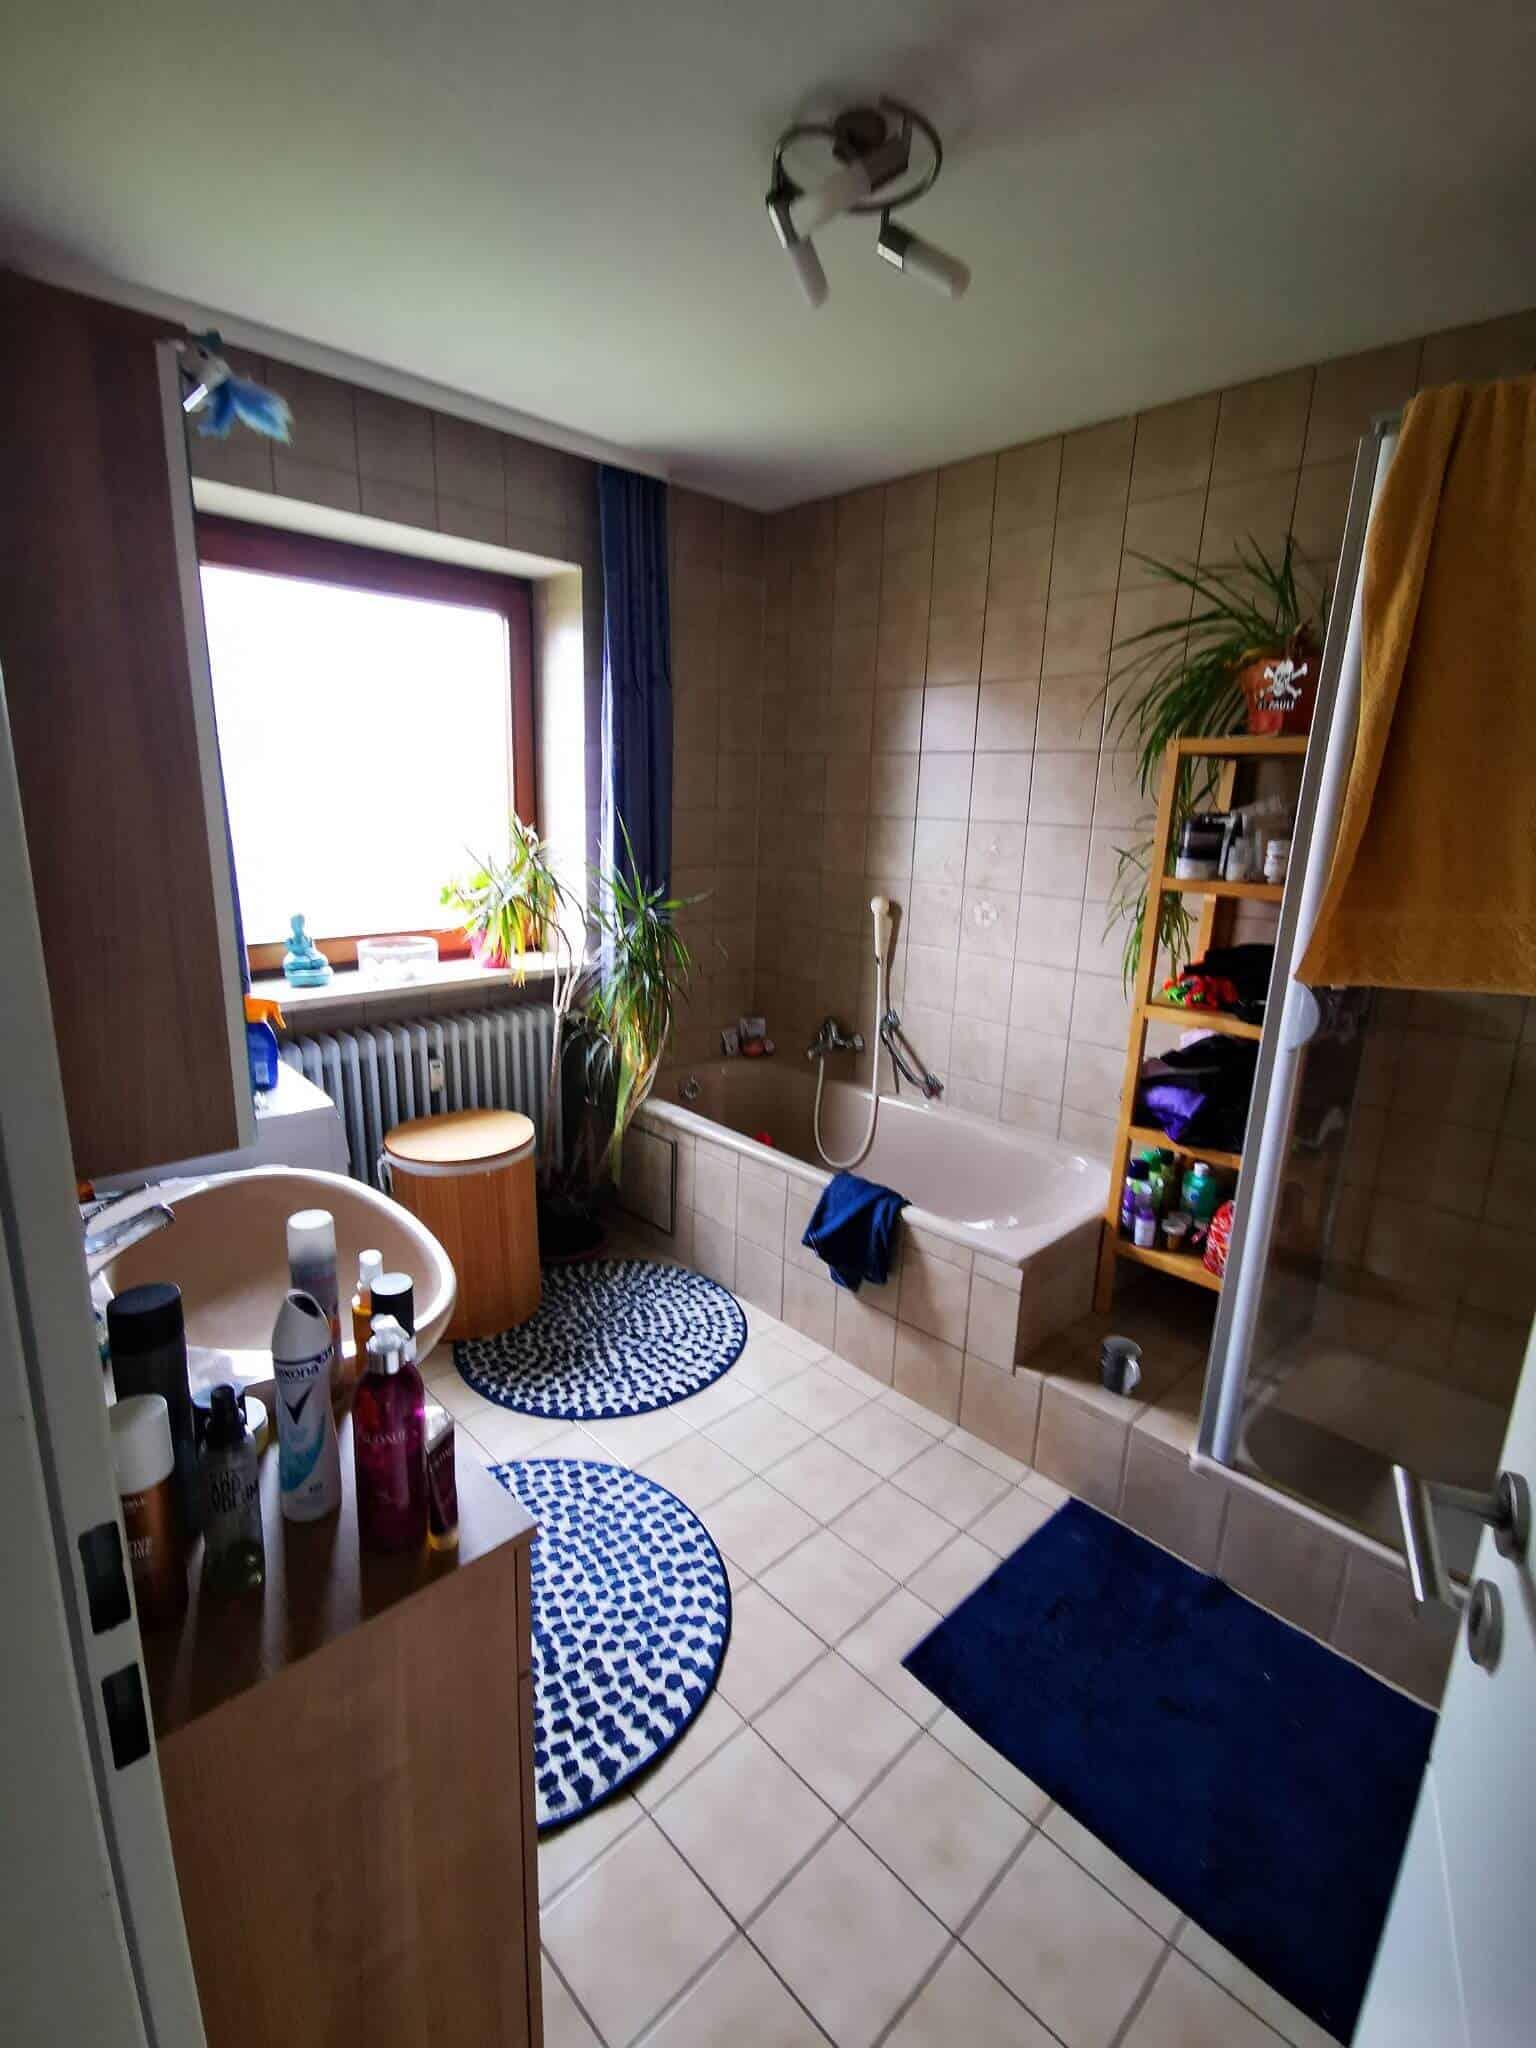 Viterma Badsanierung Beispiel Komplettbadsanierung Vorher